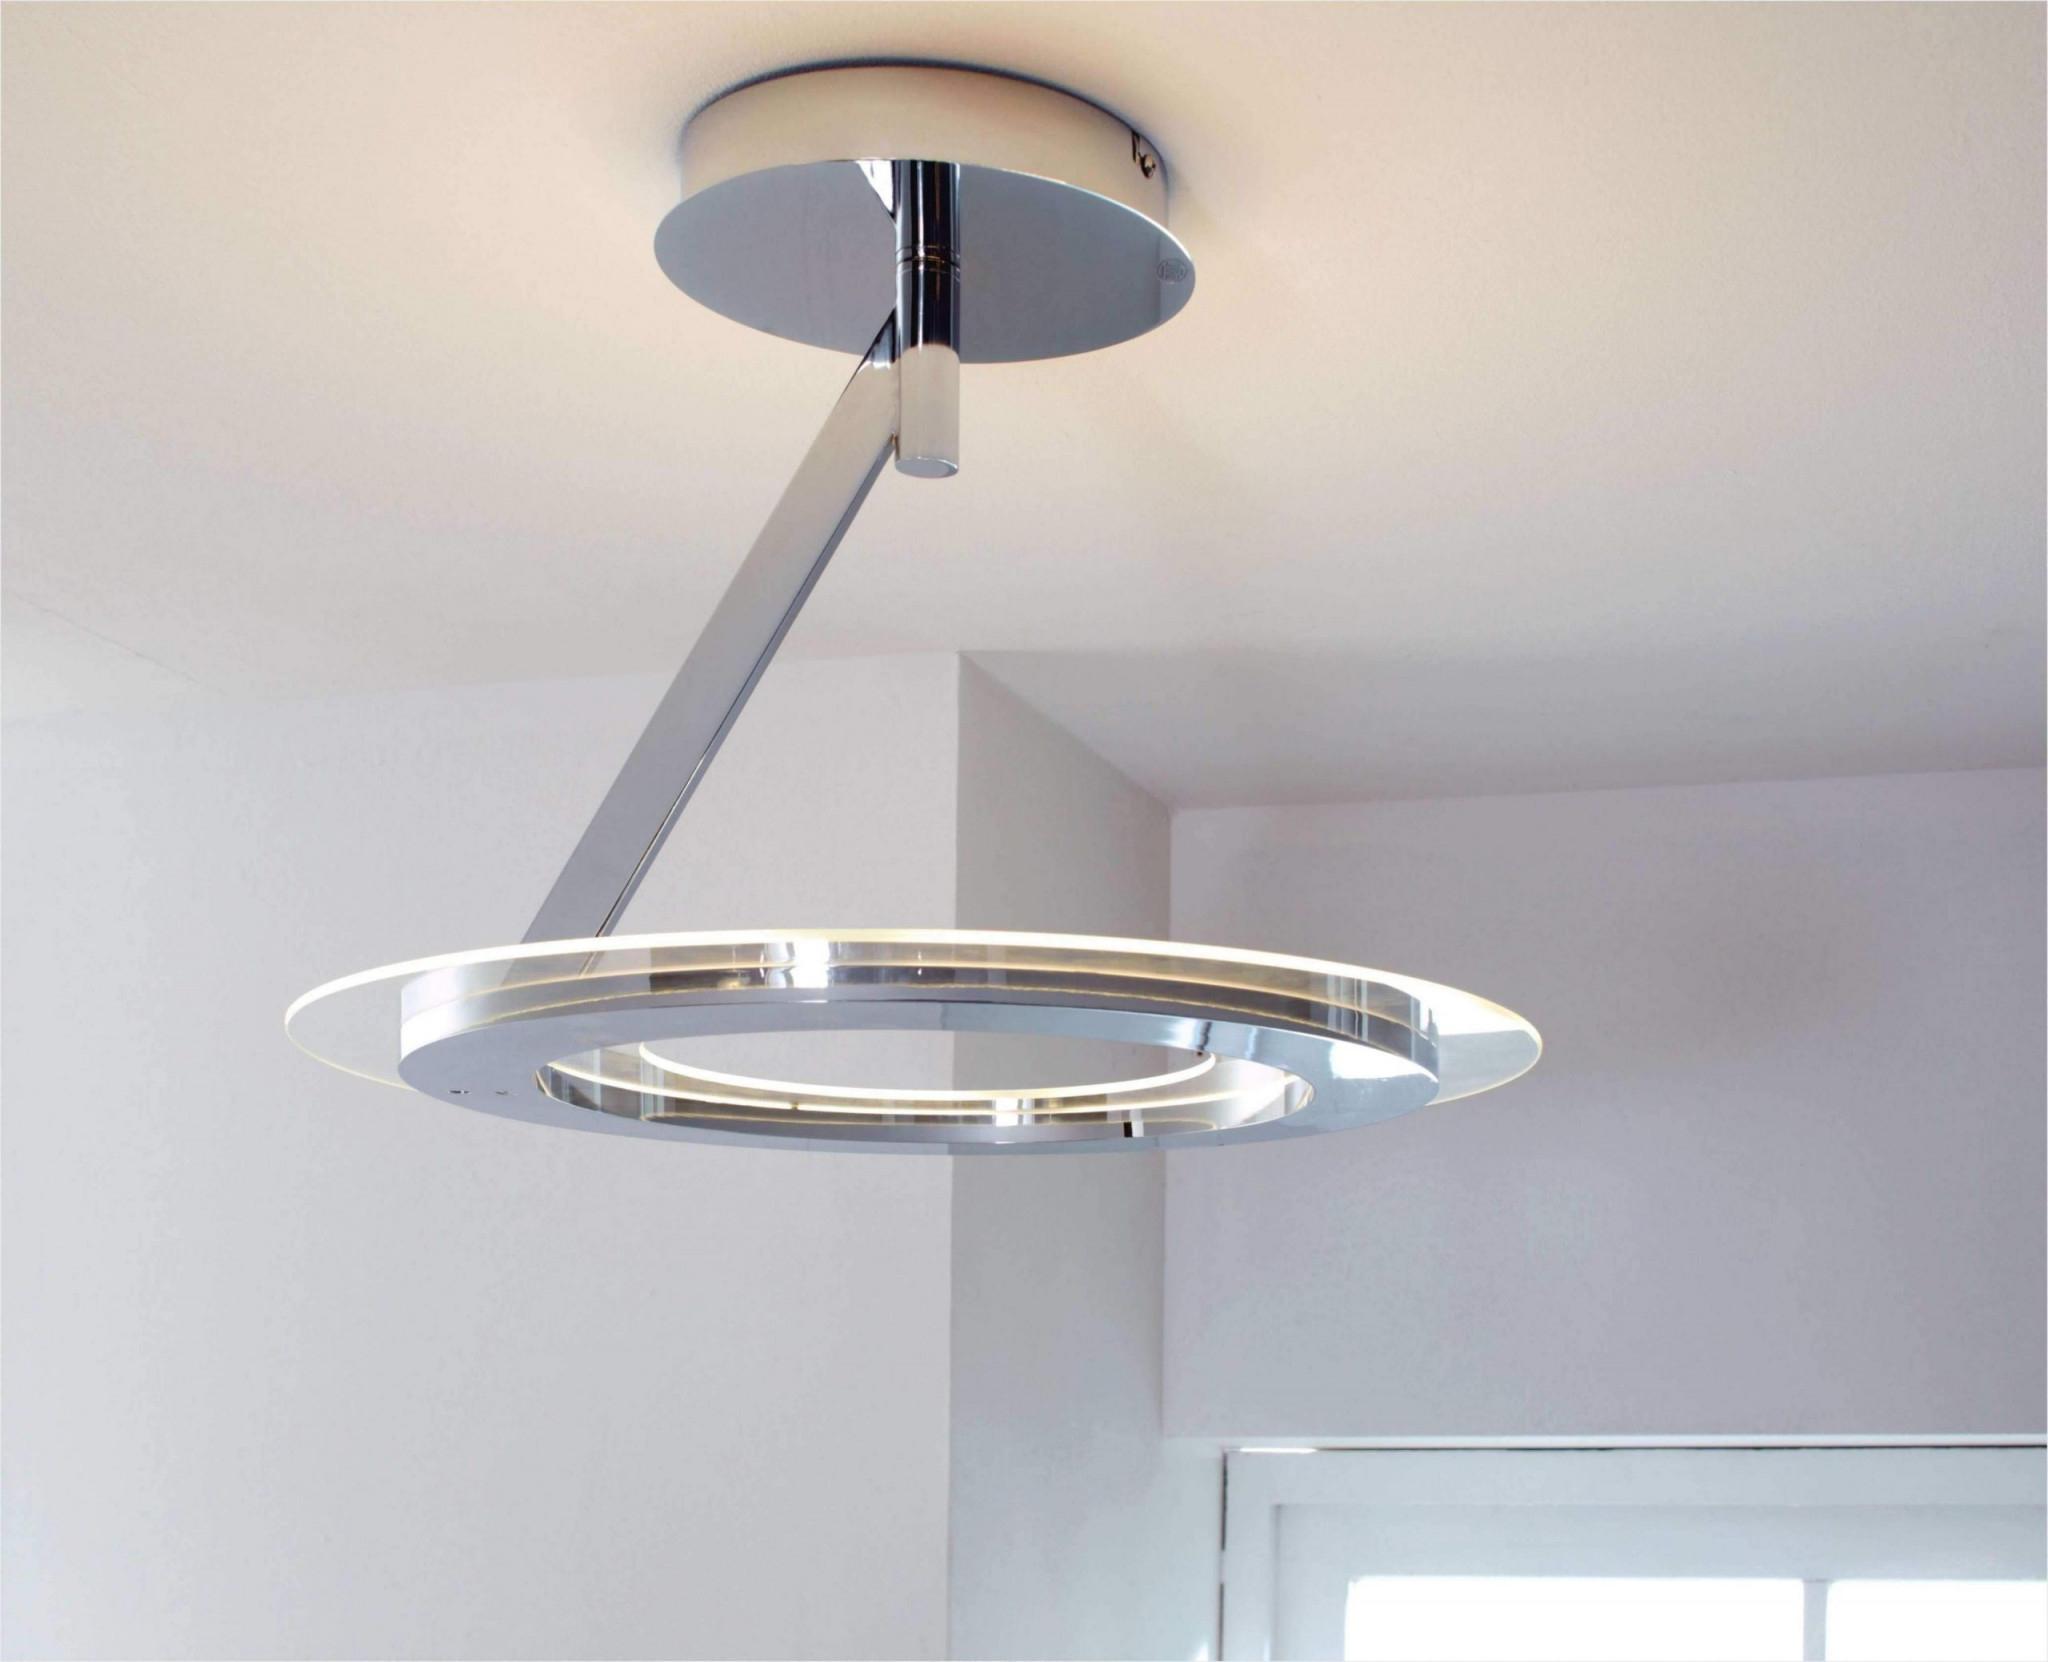 35 Luxus Wohnzimmer Deckenleuchte Modern Reizend von Wohnzimmer Deckenlampe Modern Photo